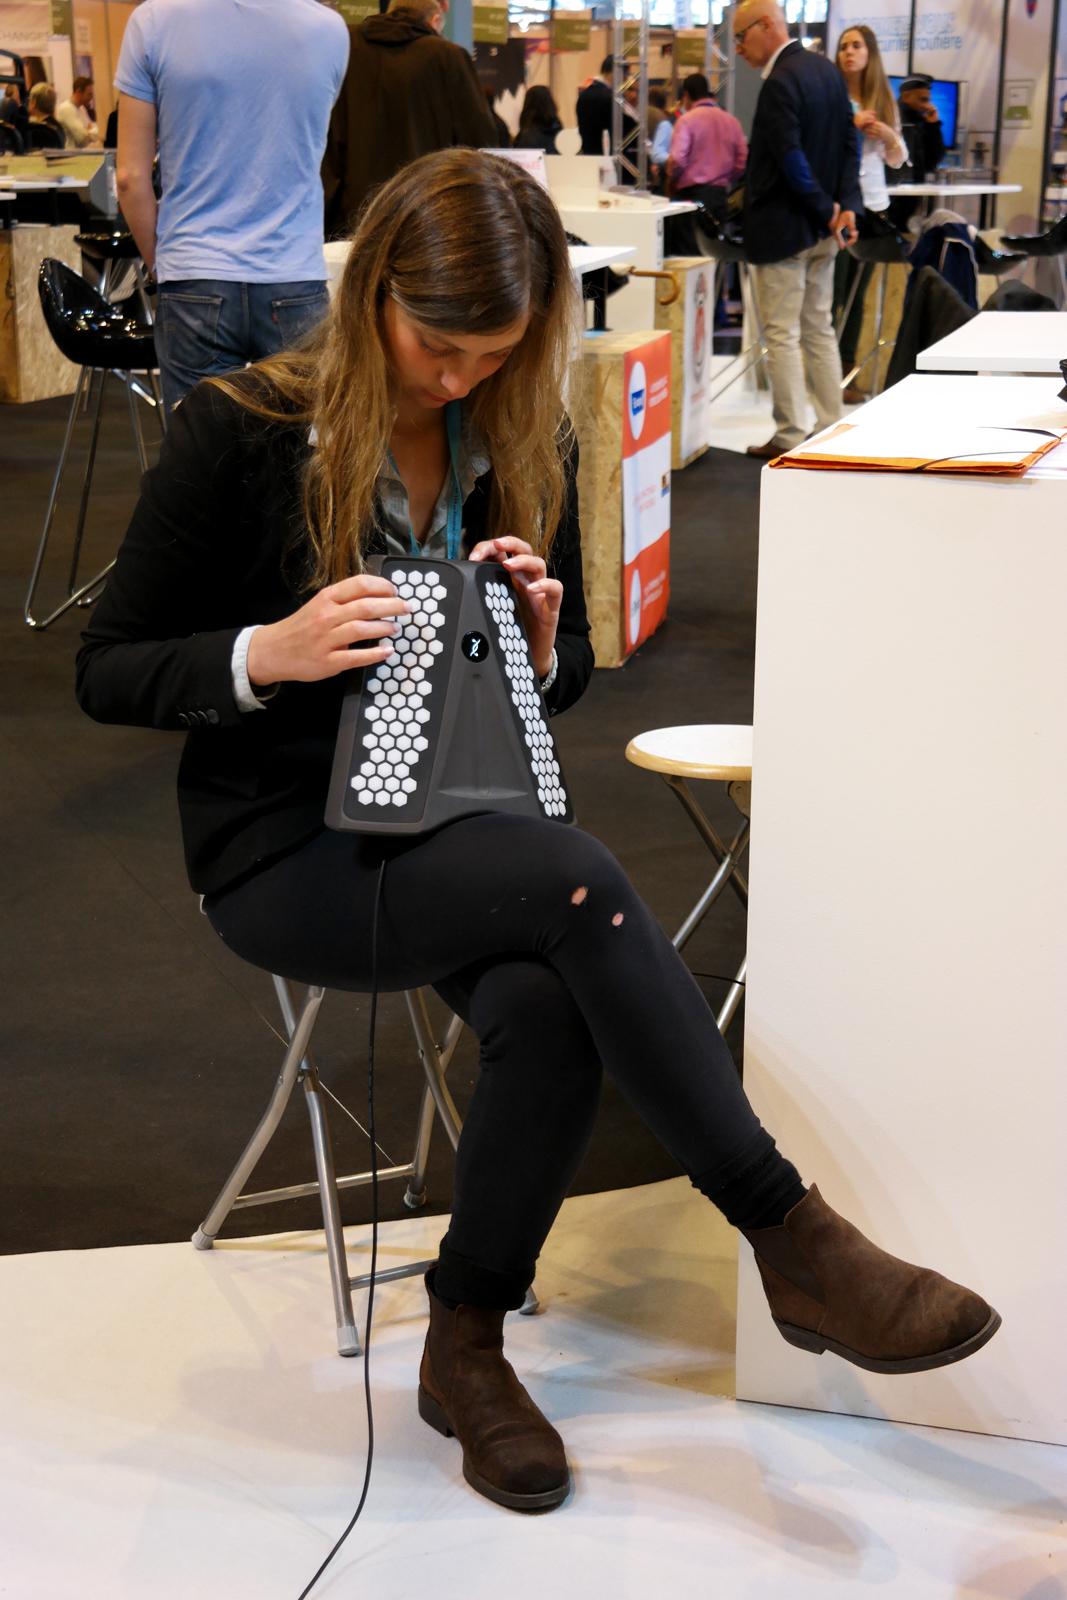 Foire de paris 2015 porte de versailles exposants coup de coeur concours l pi - Foire de paris concours lepine ...